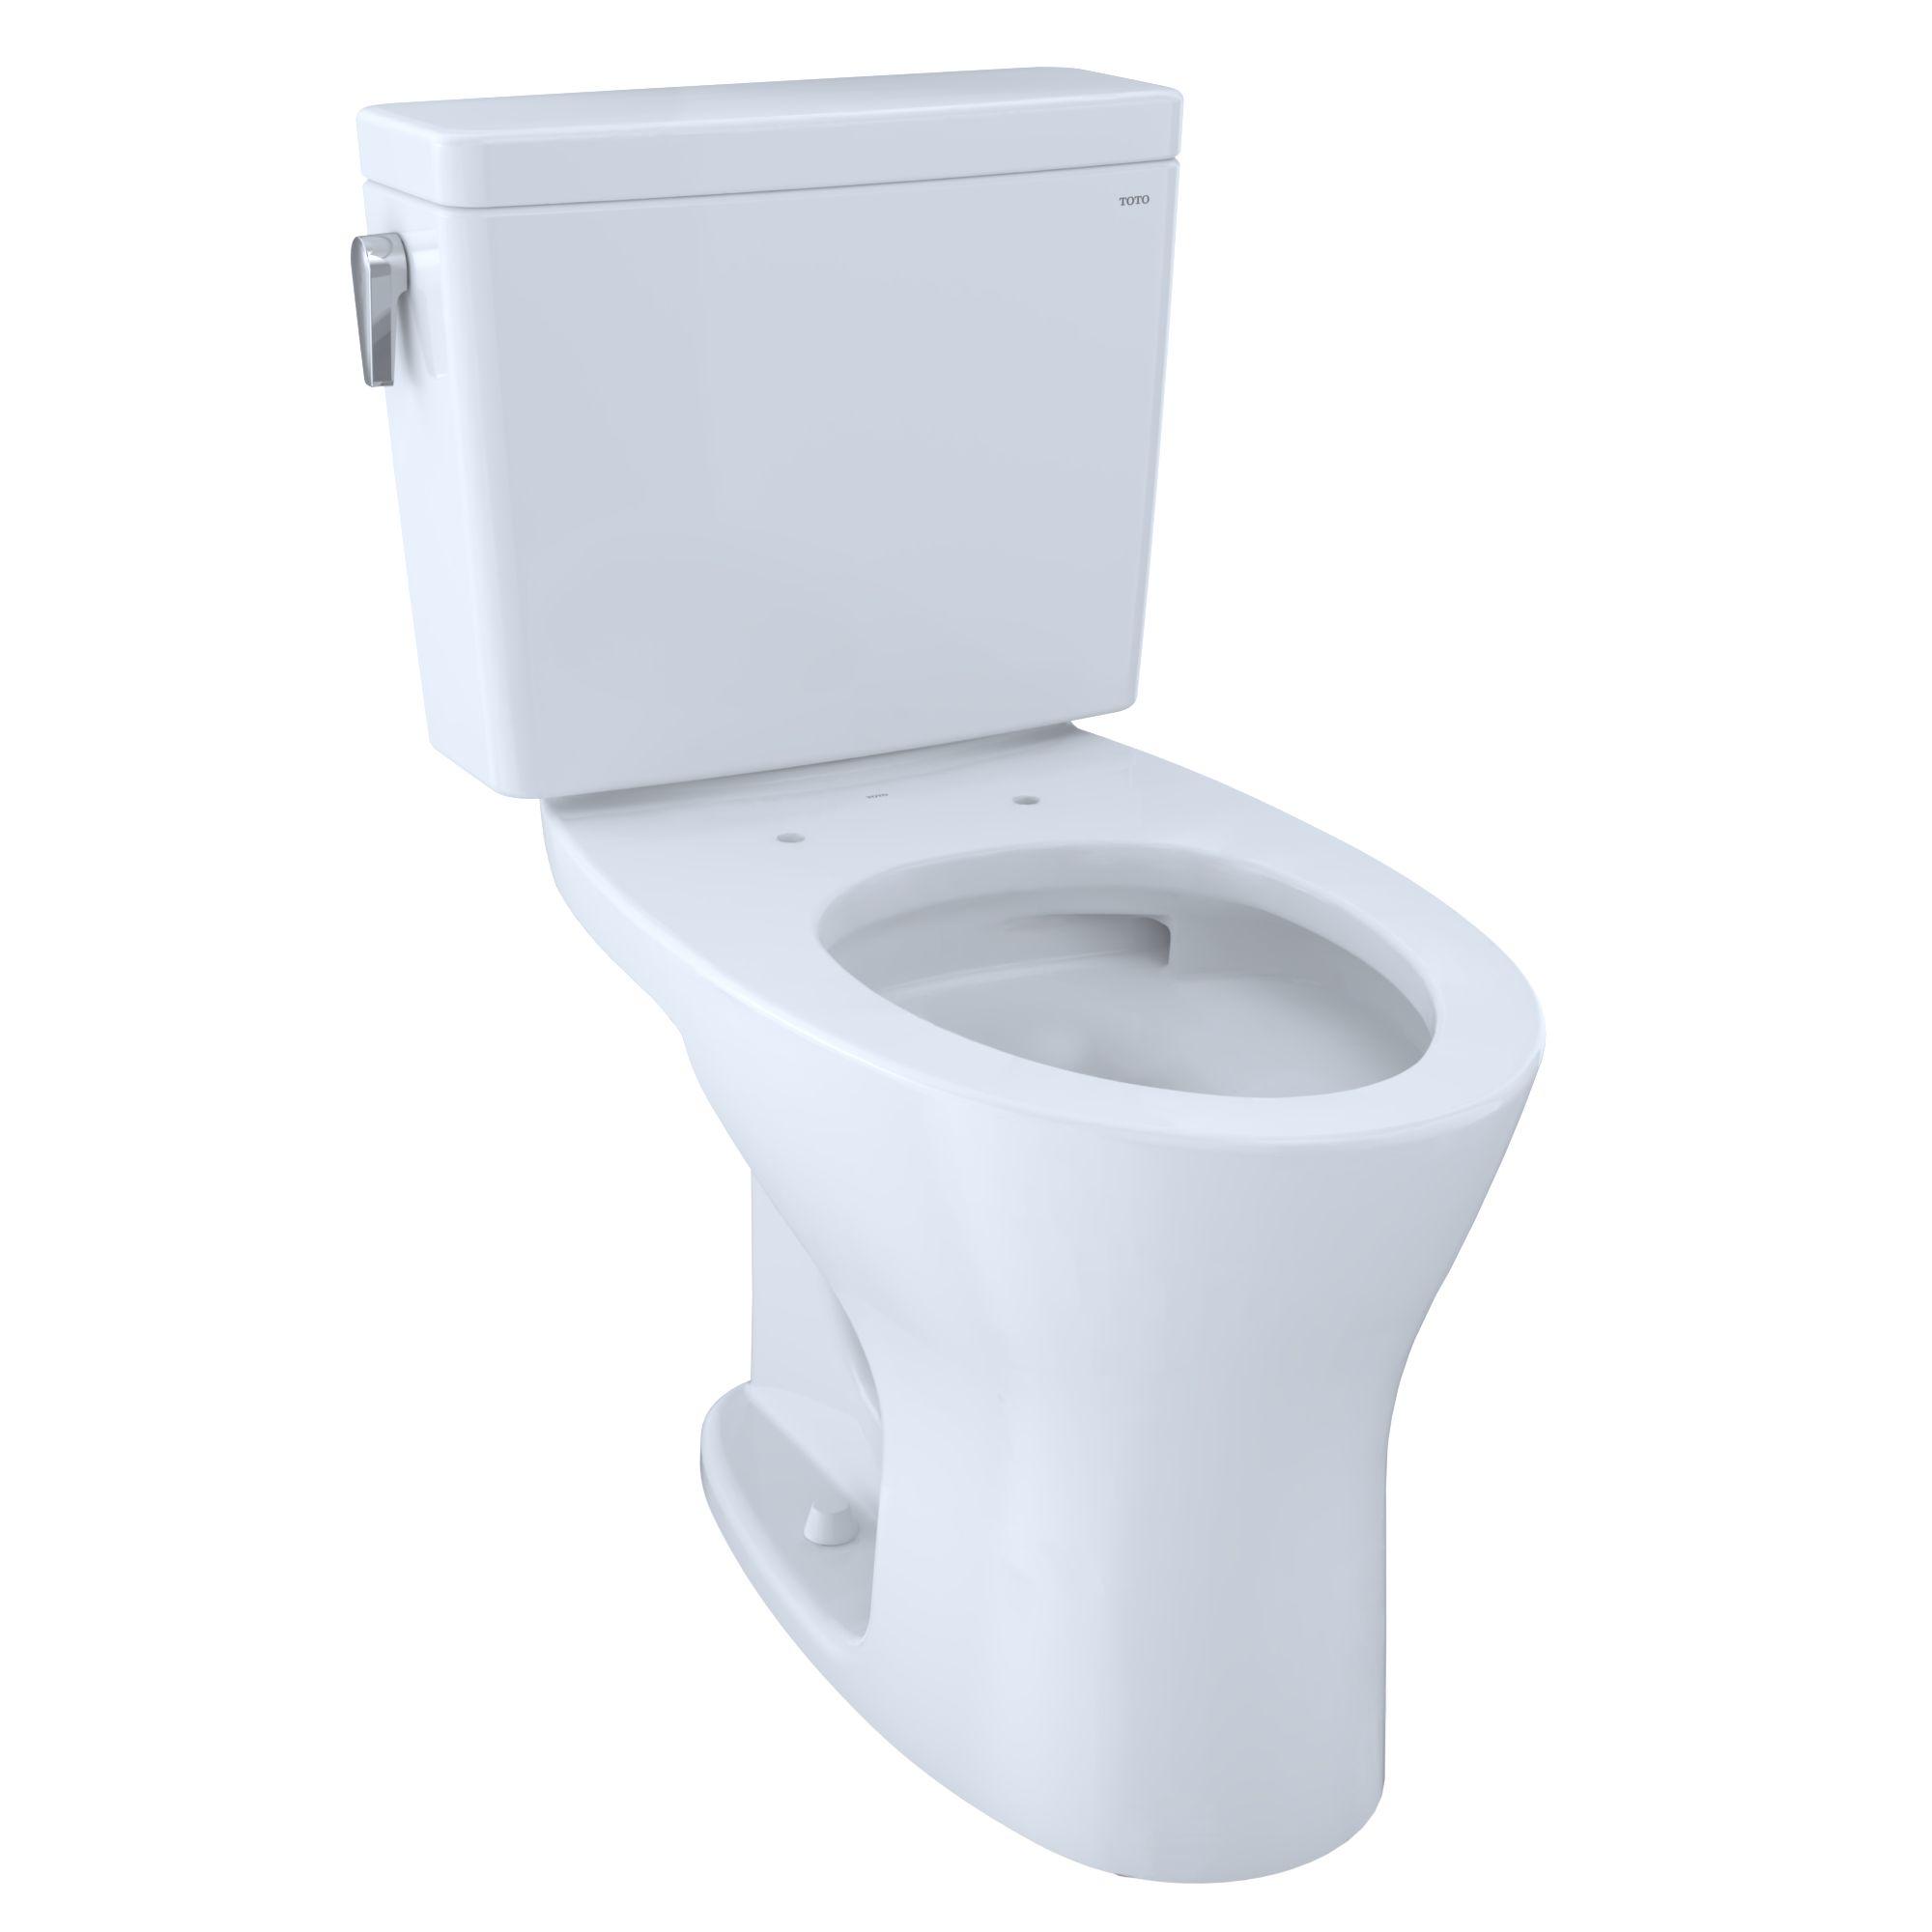 Toto Drake Toilet Dynasty Bathrooms